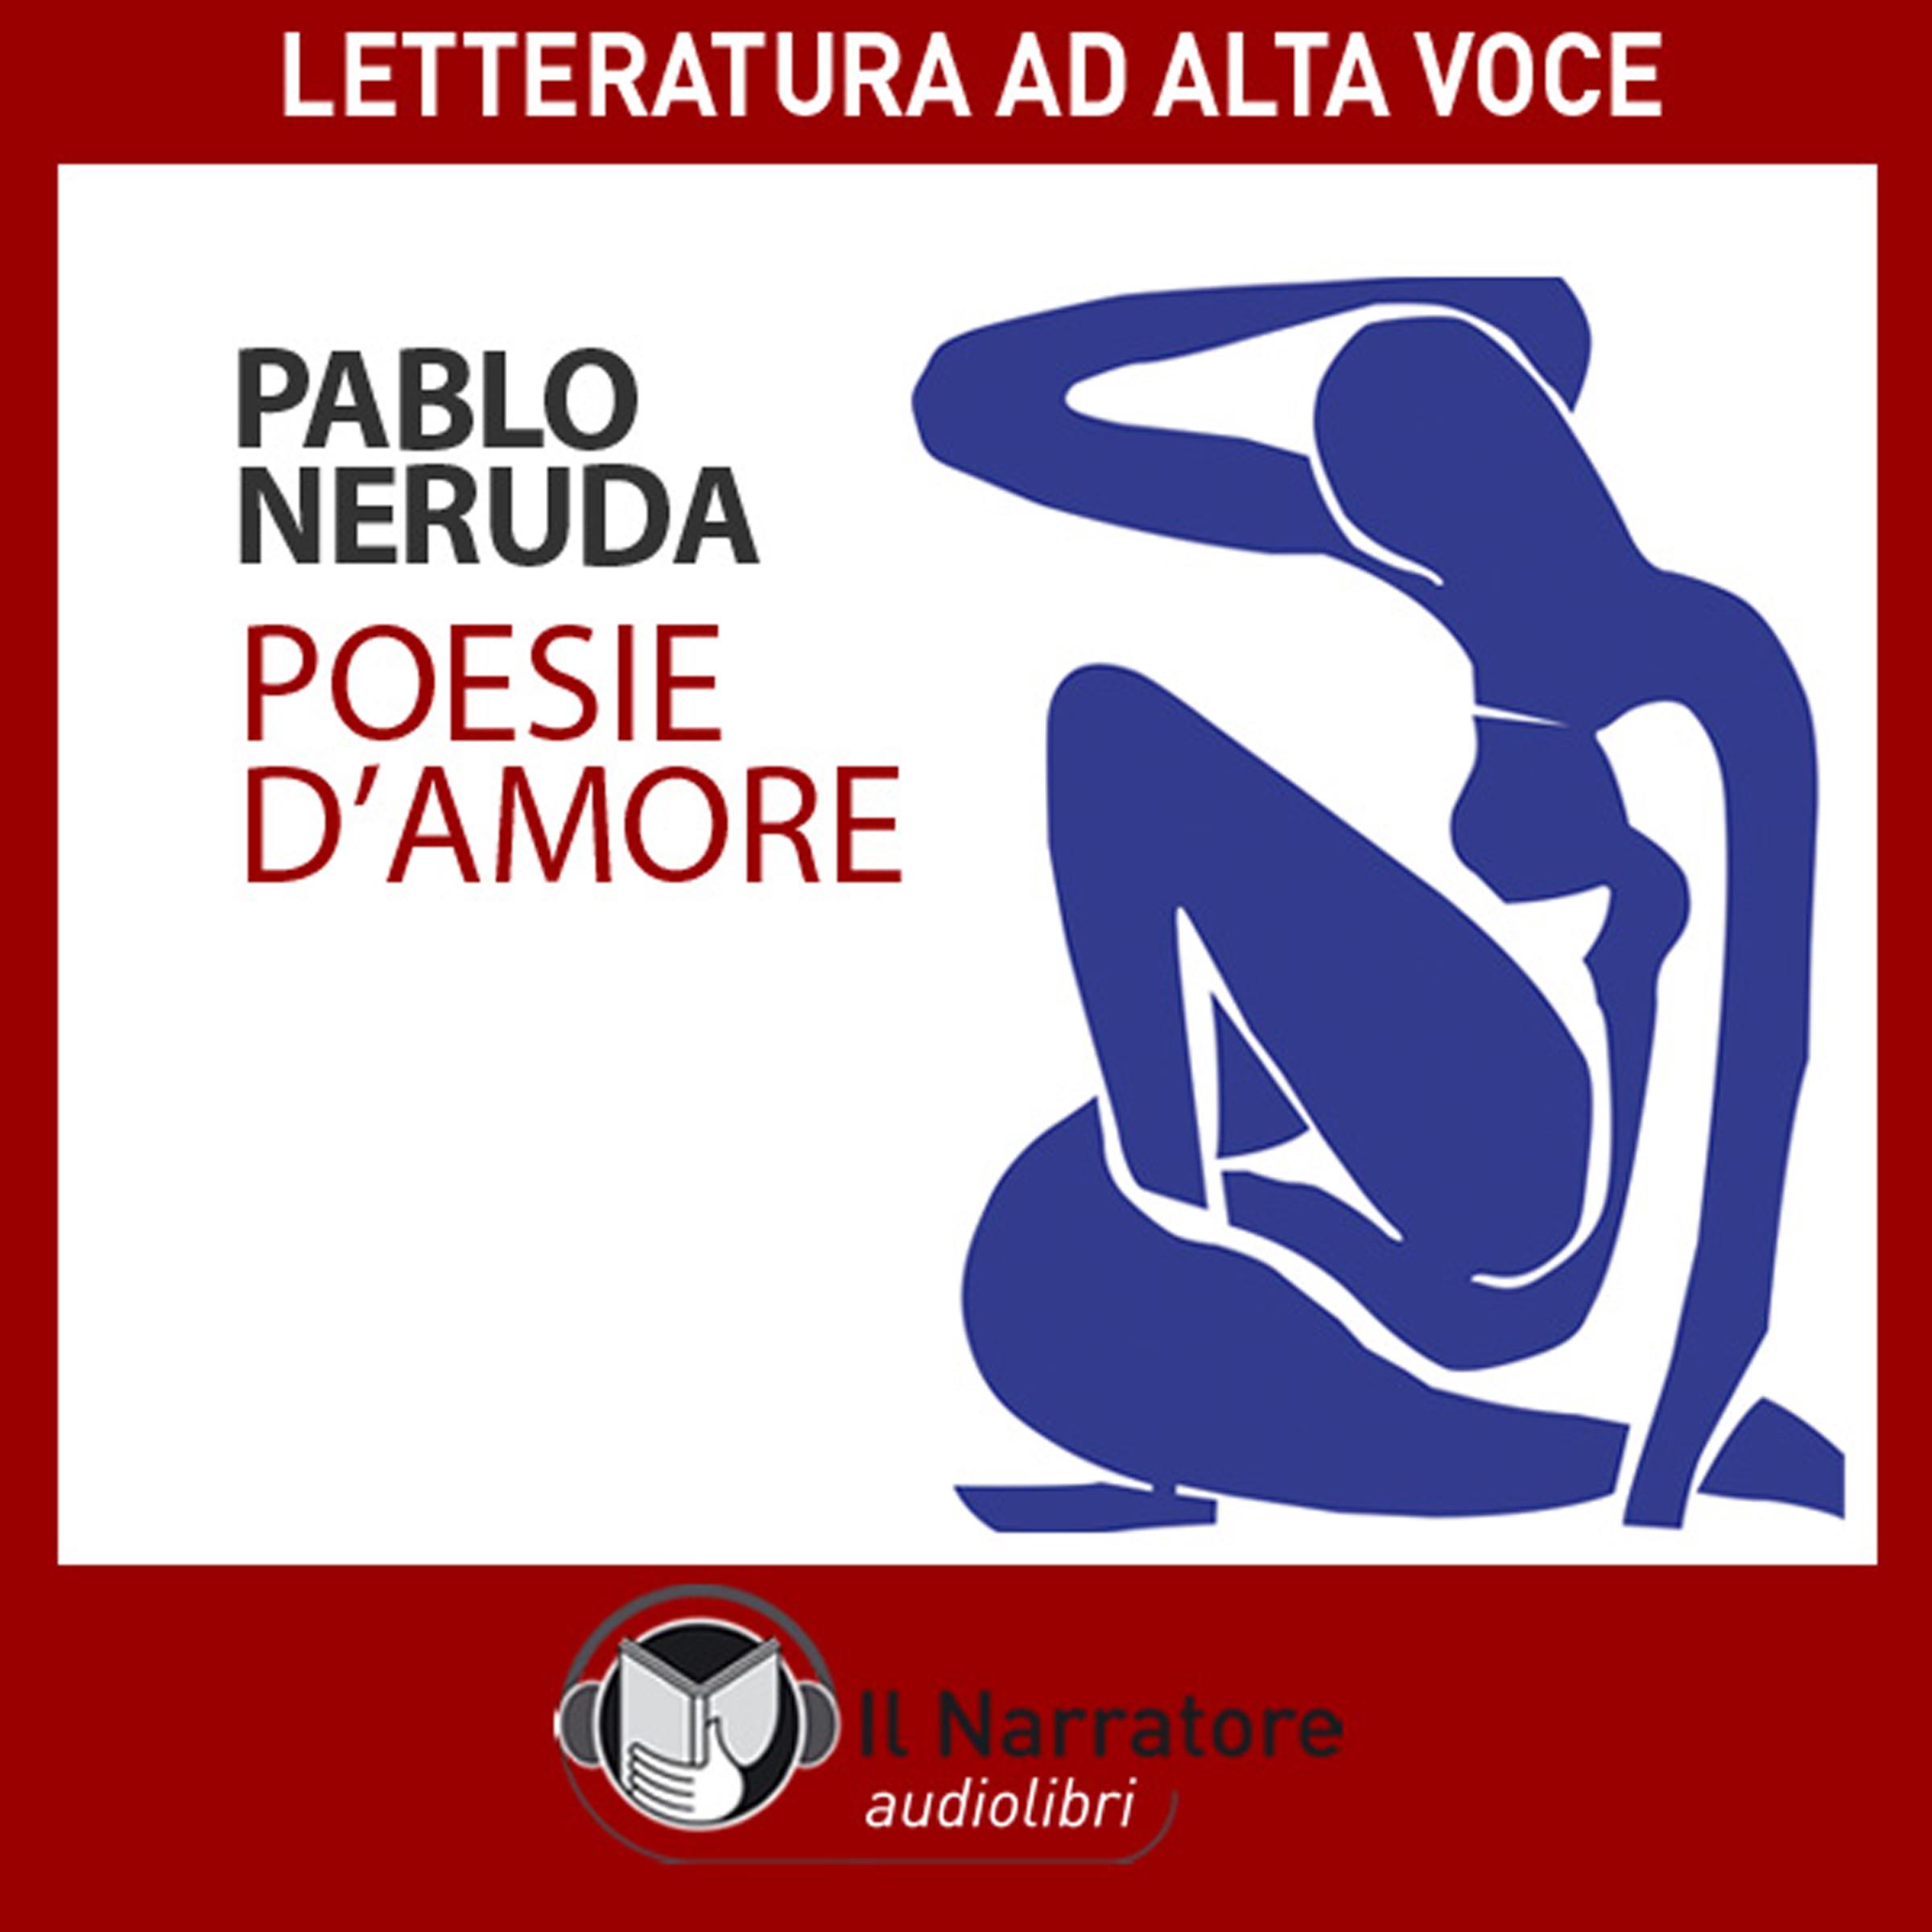 Neruda_poesie_d_amore